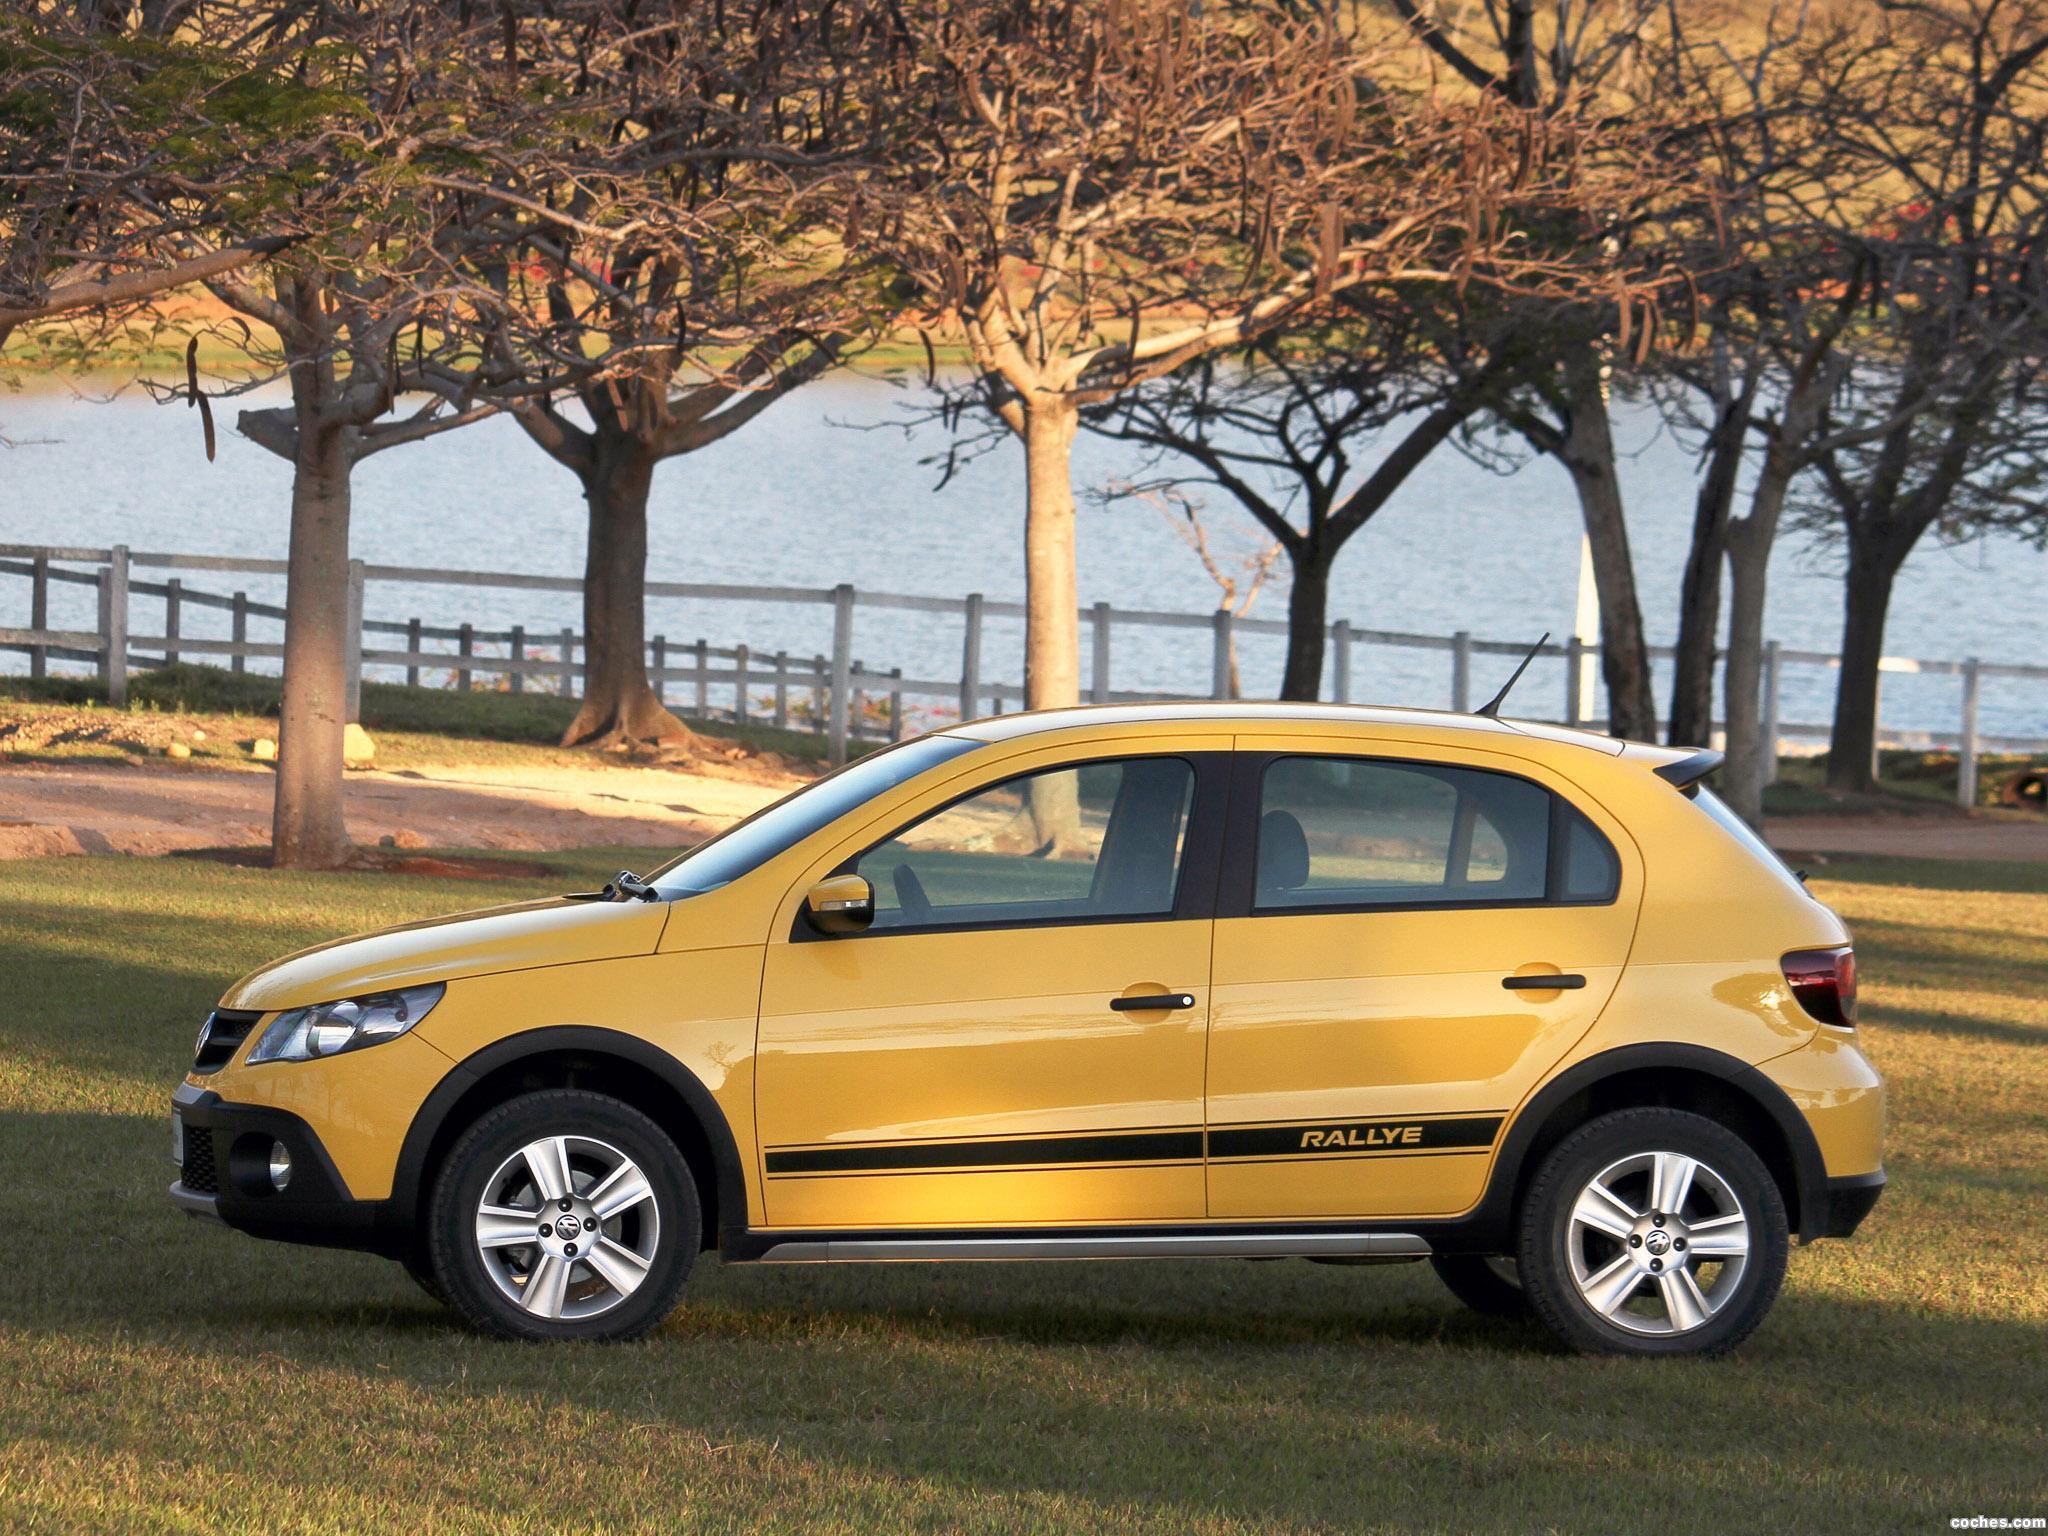 Foto 4 de Volkswagen Gol Rallye 2010-2012